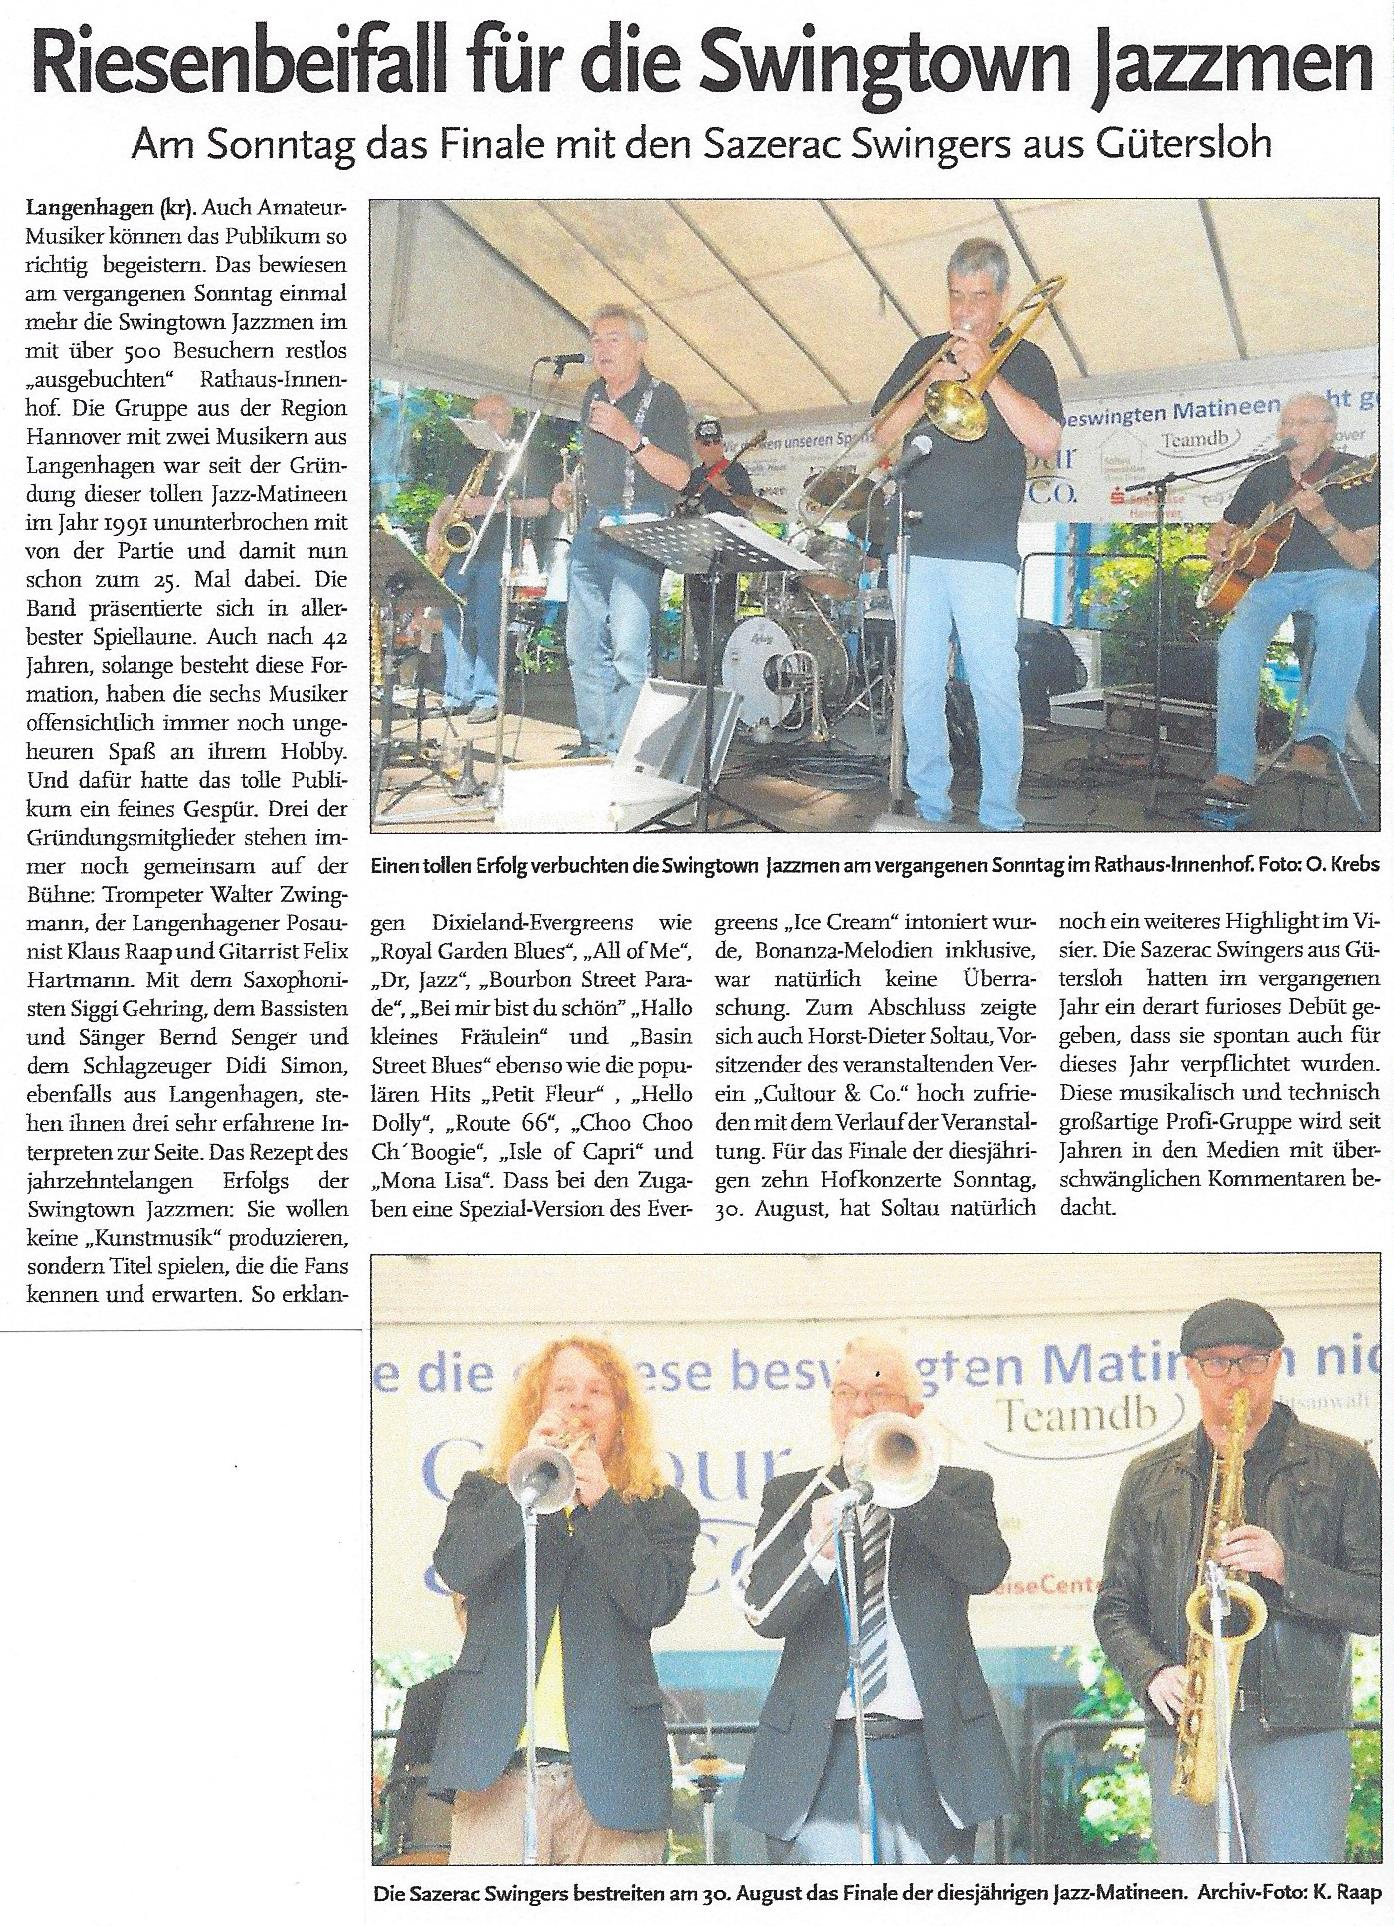 Riesenbeifall für die Swingtown Jazzmen